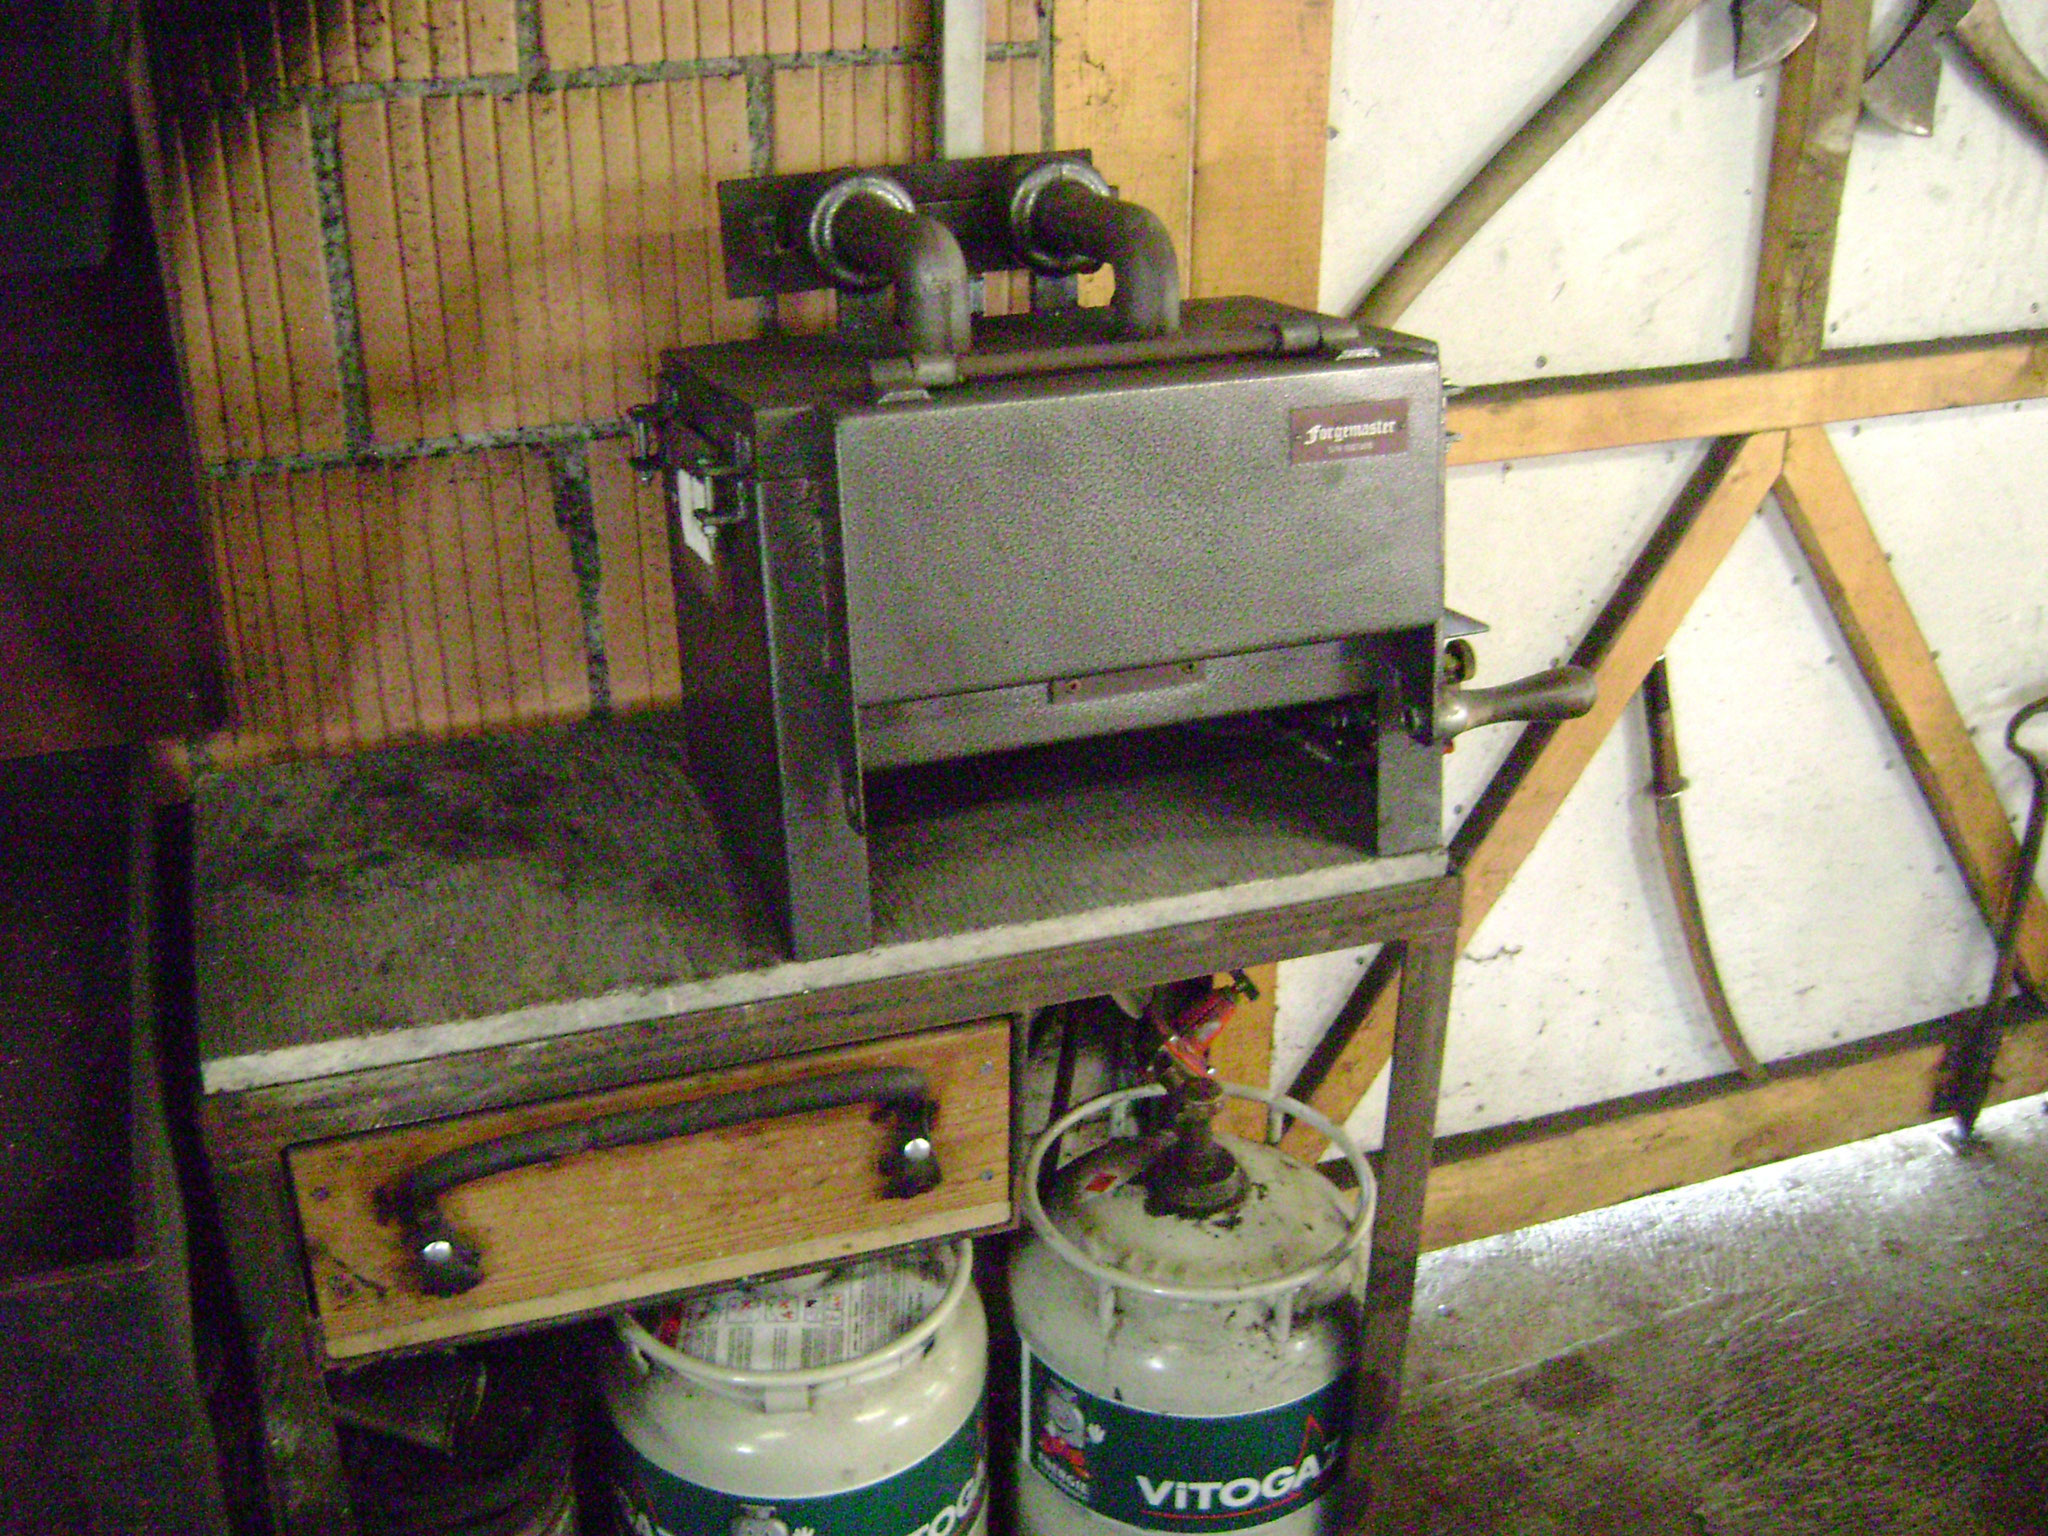 Gasofen vorwiegend um die Wärmebehandlungen der Messer auszuführen